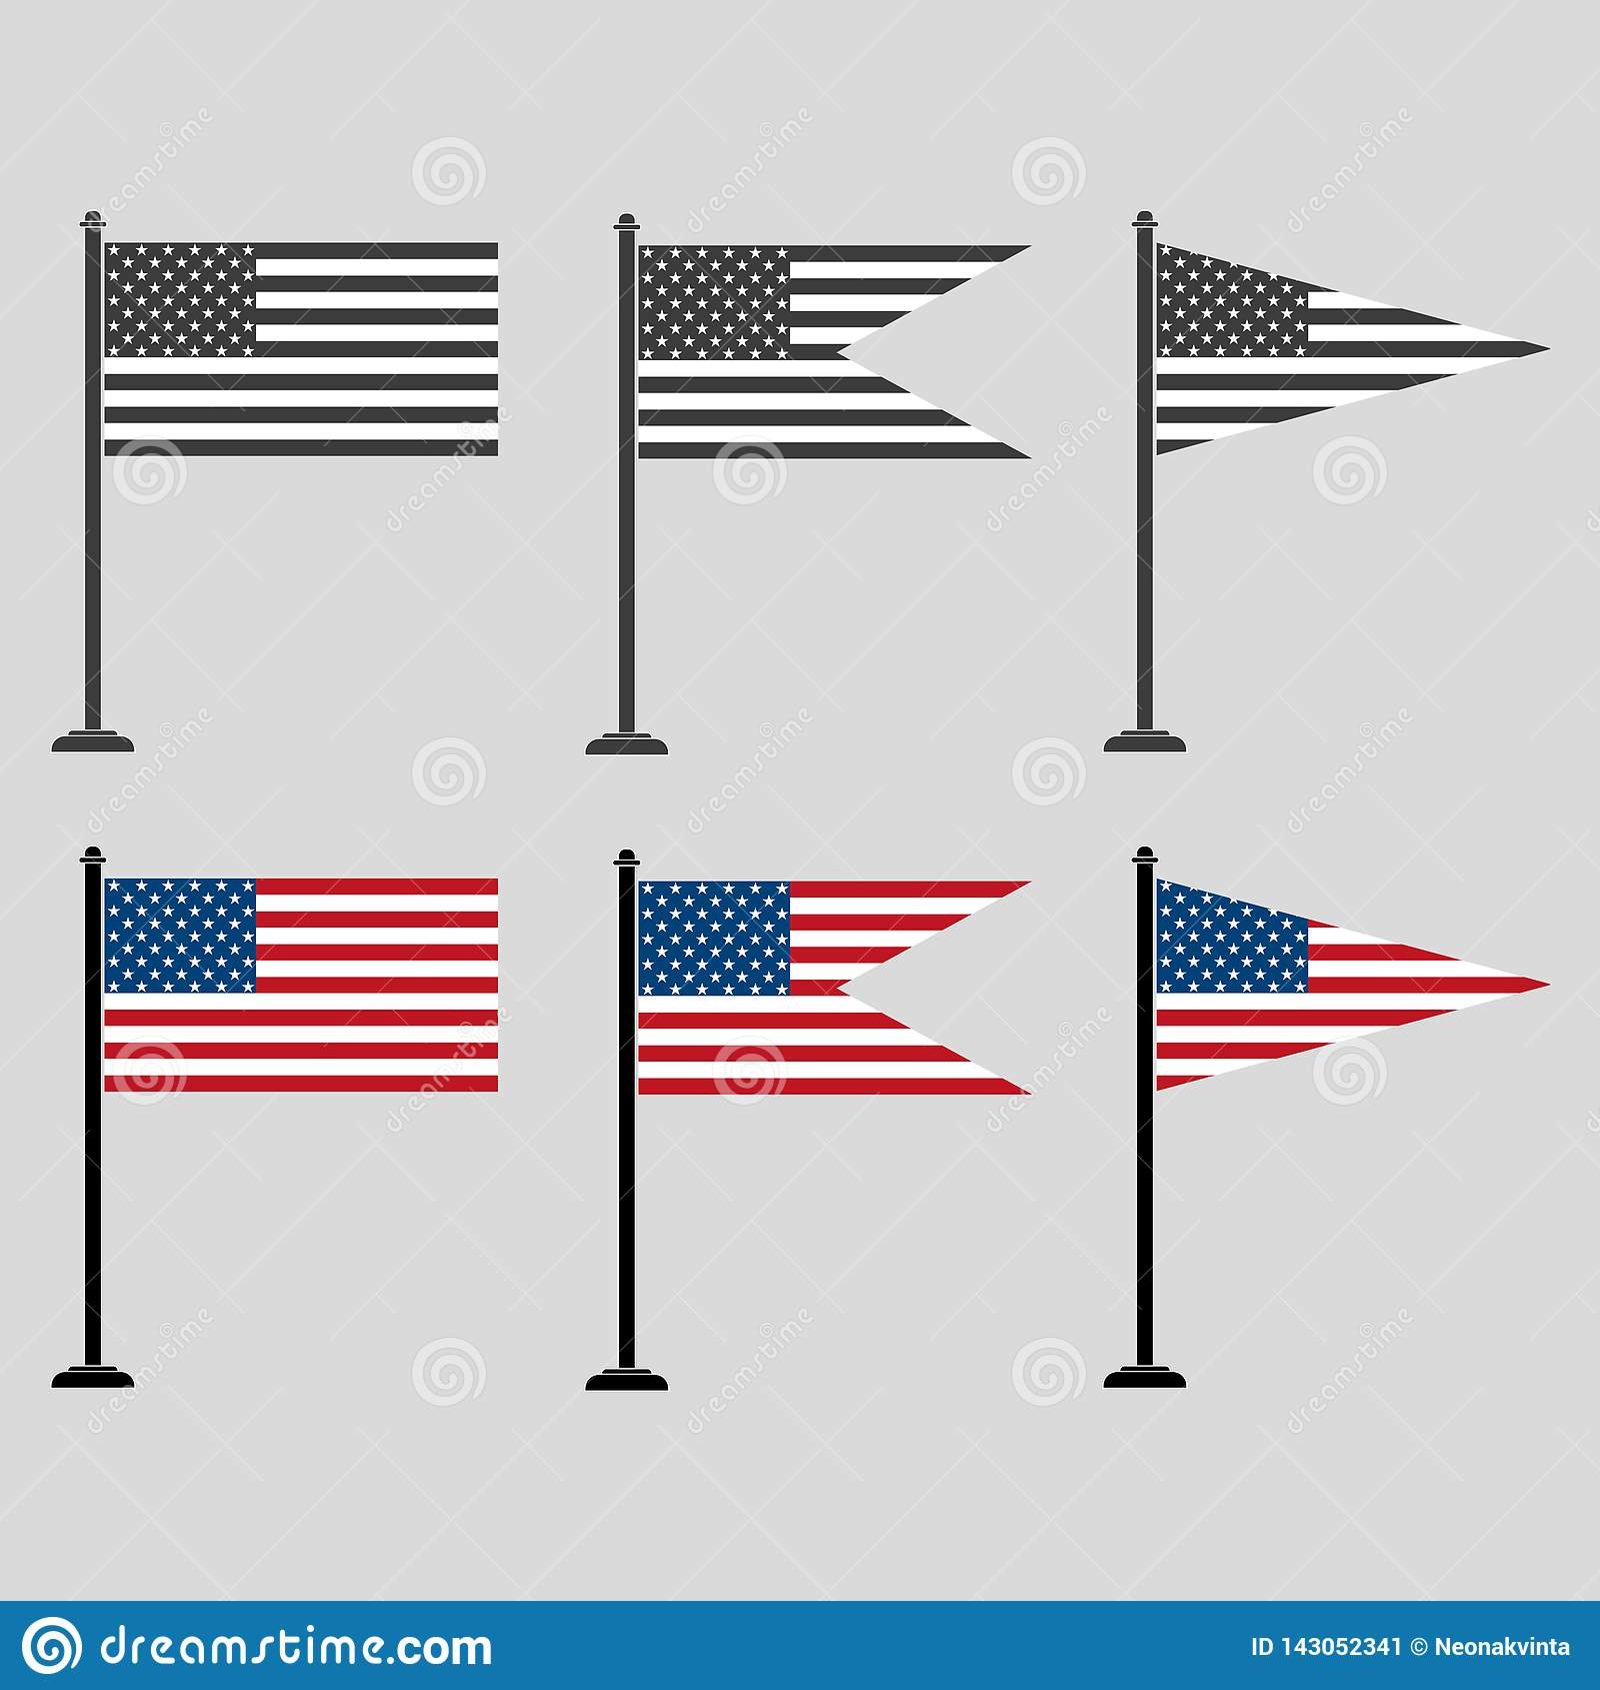 Un sistema de banderas americanas de diversas formas, coloreadas y grises